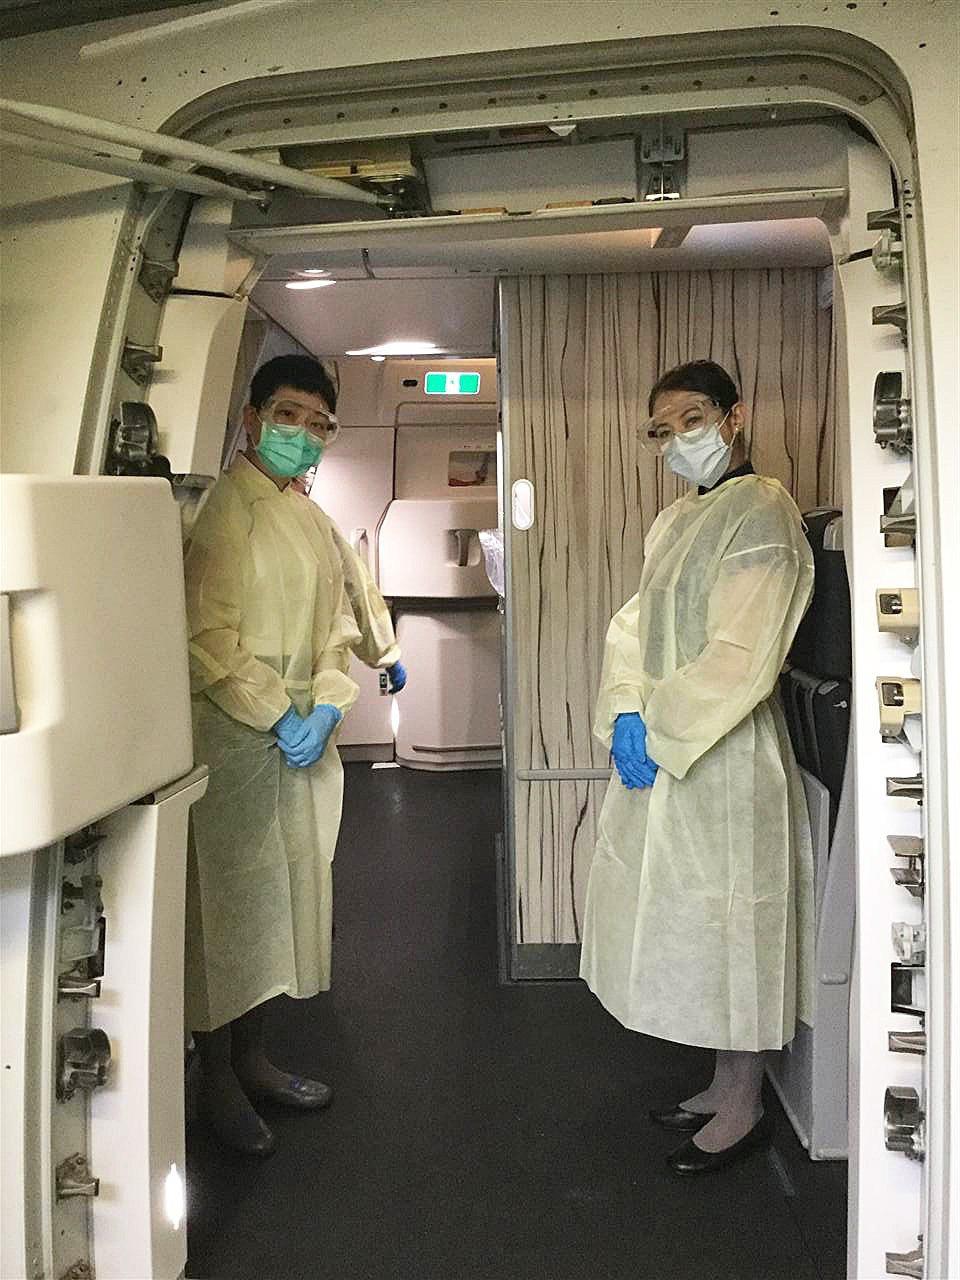 華航率先自28日起晚長程航班,發給所有客艙組員隔離衣、護目鏡、醫療手套及醫療口罩...